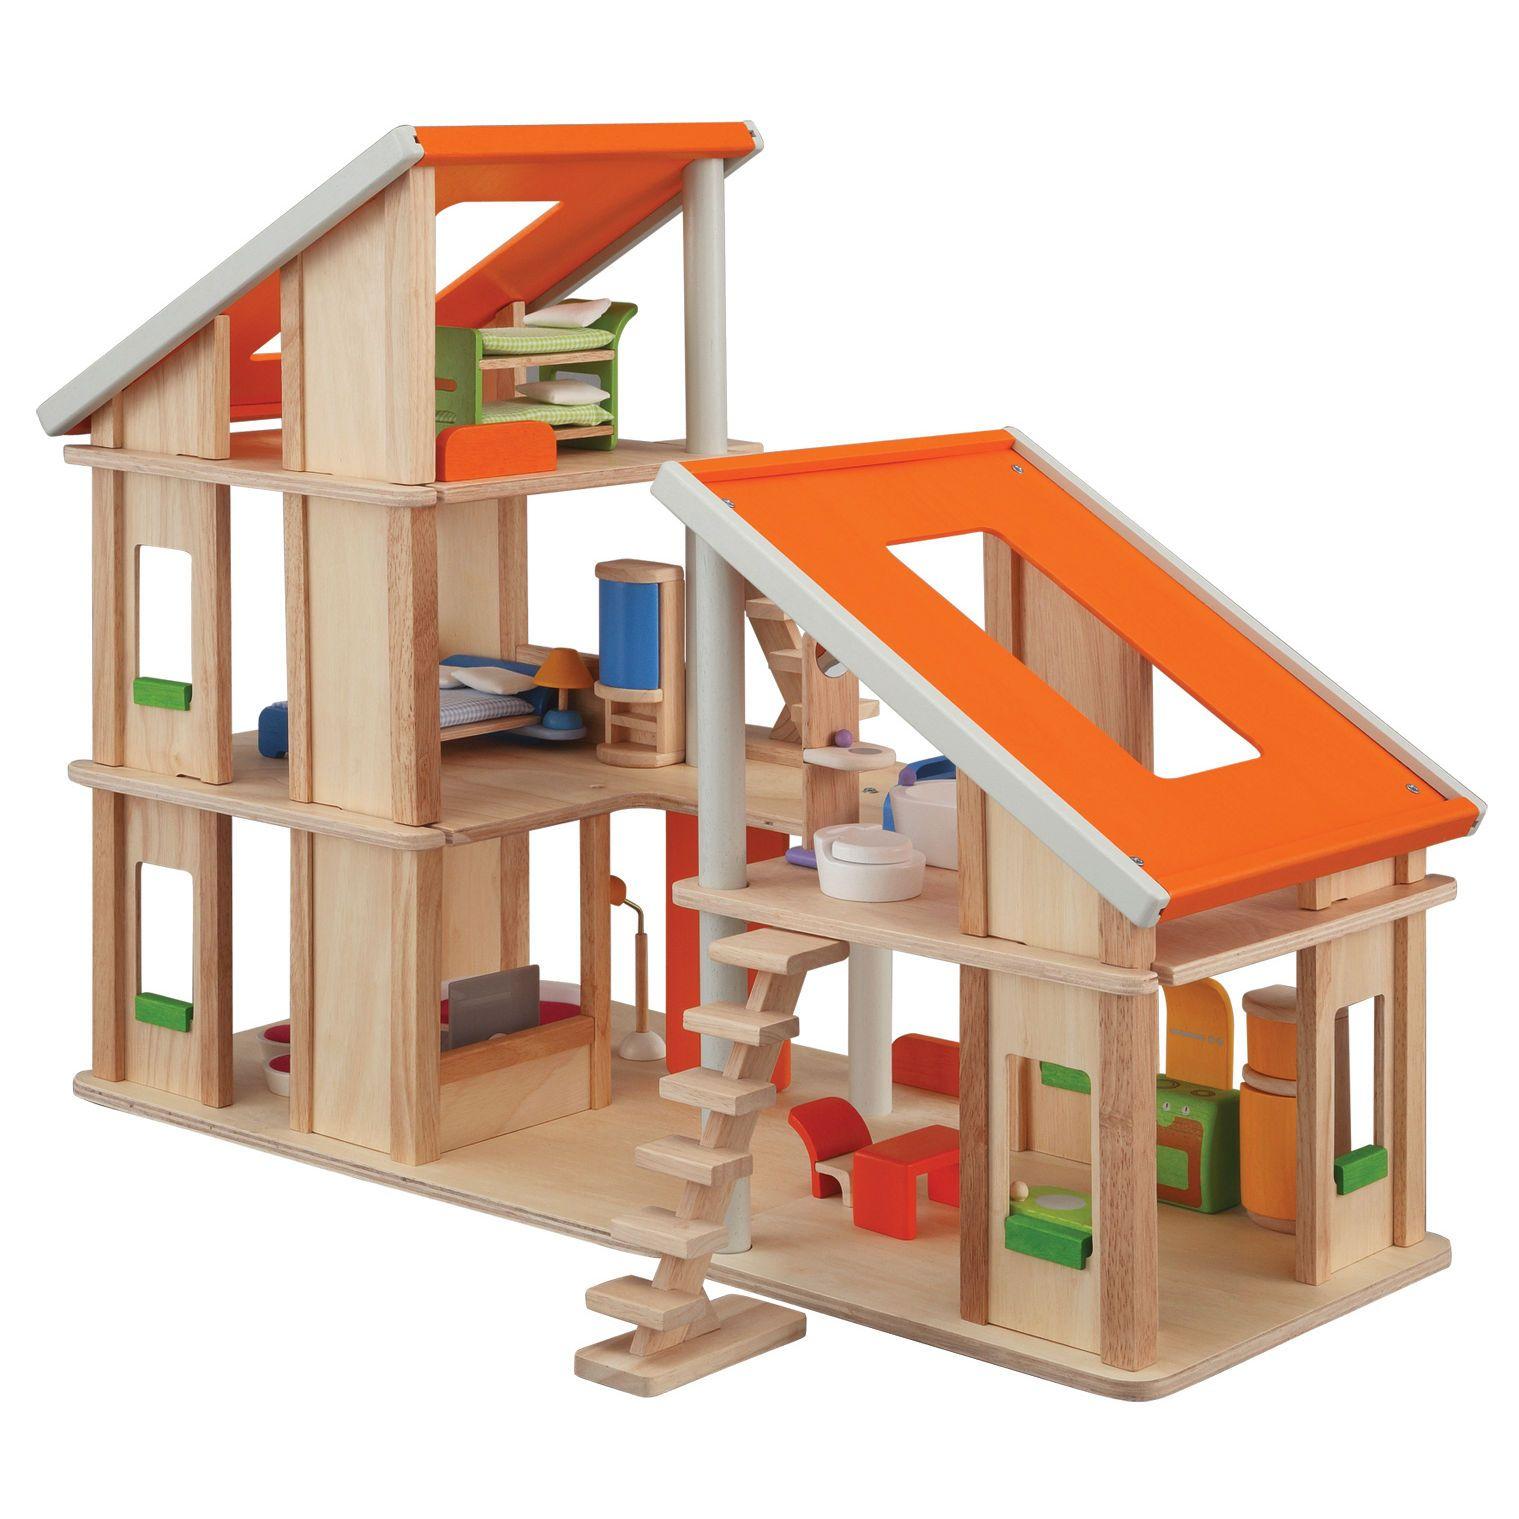 super fun modern dollhousewith furniture great price  gifts  - super fun modern dollhousewith furniture great price plan toysmodern